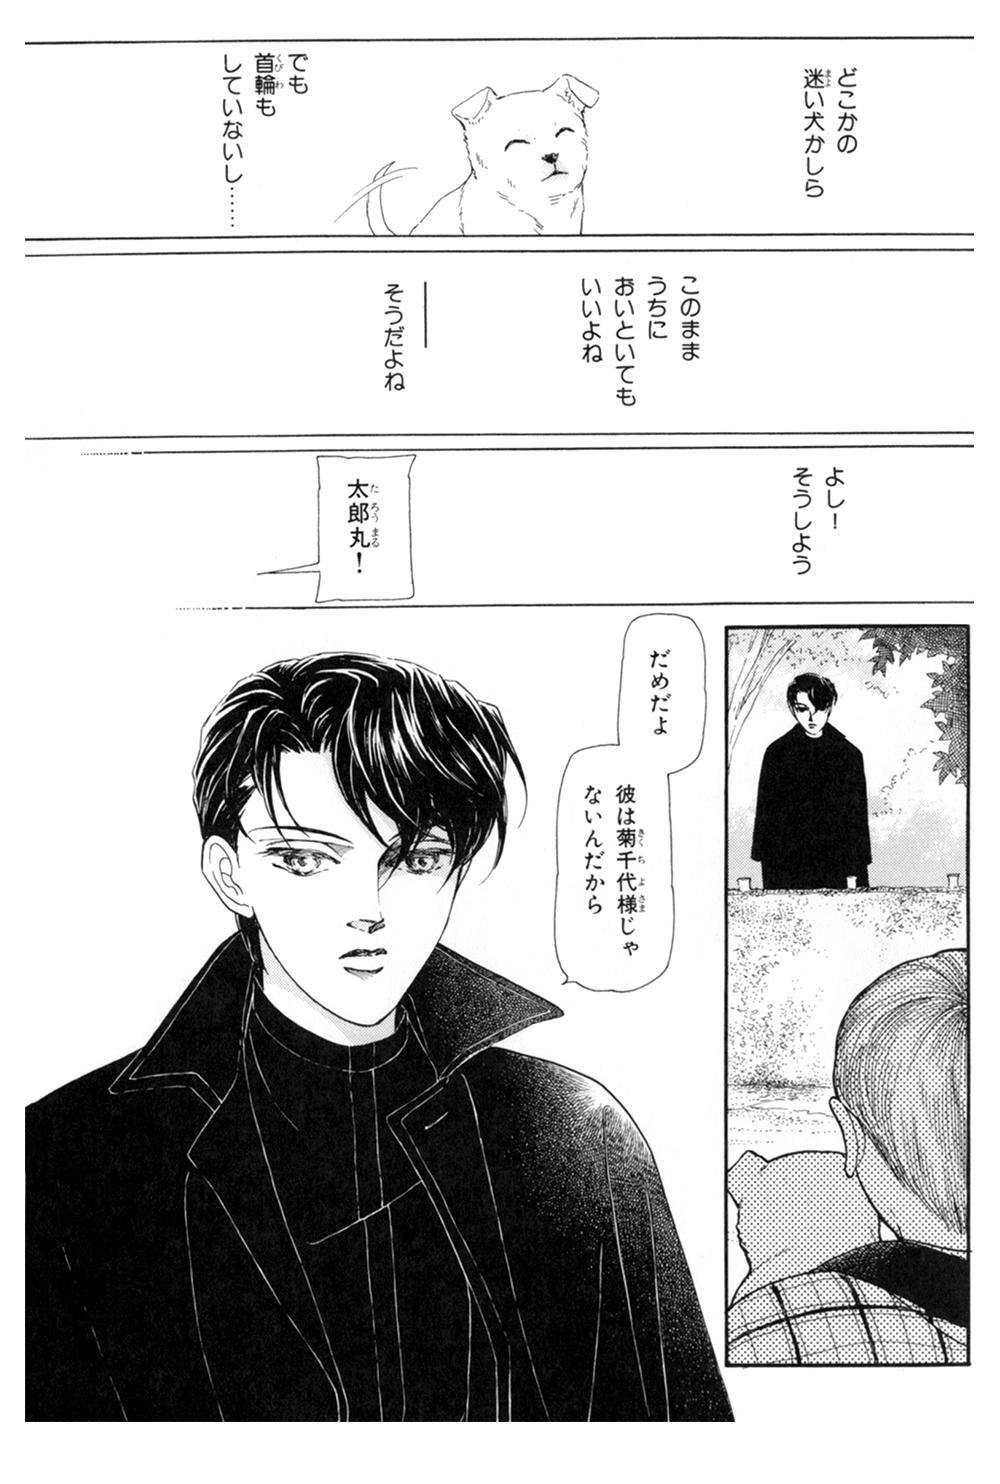 雨柳堂夢咄 第5話「太郎丸」①uryudo-03-154.jpg